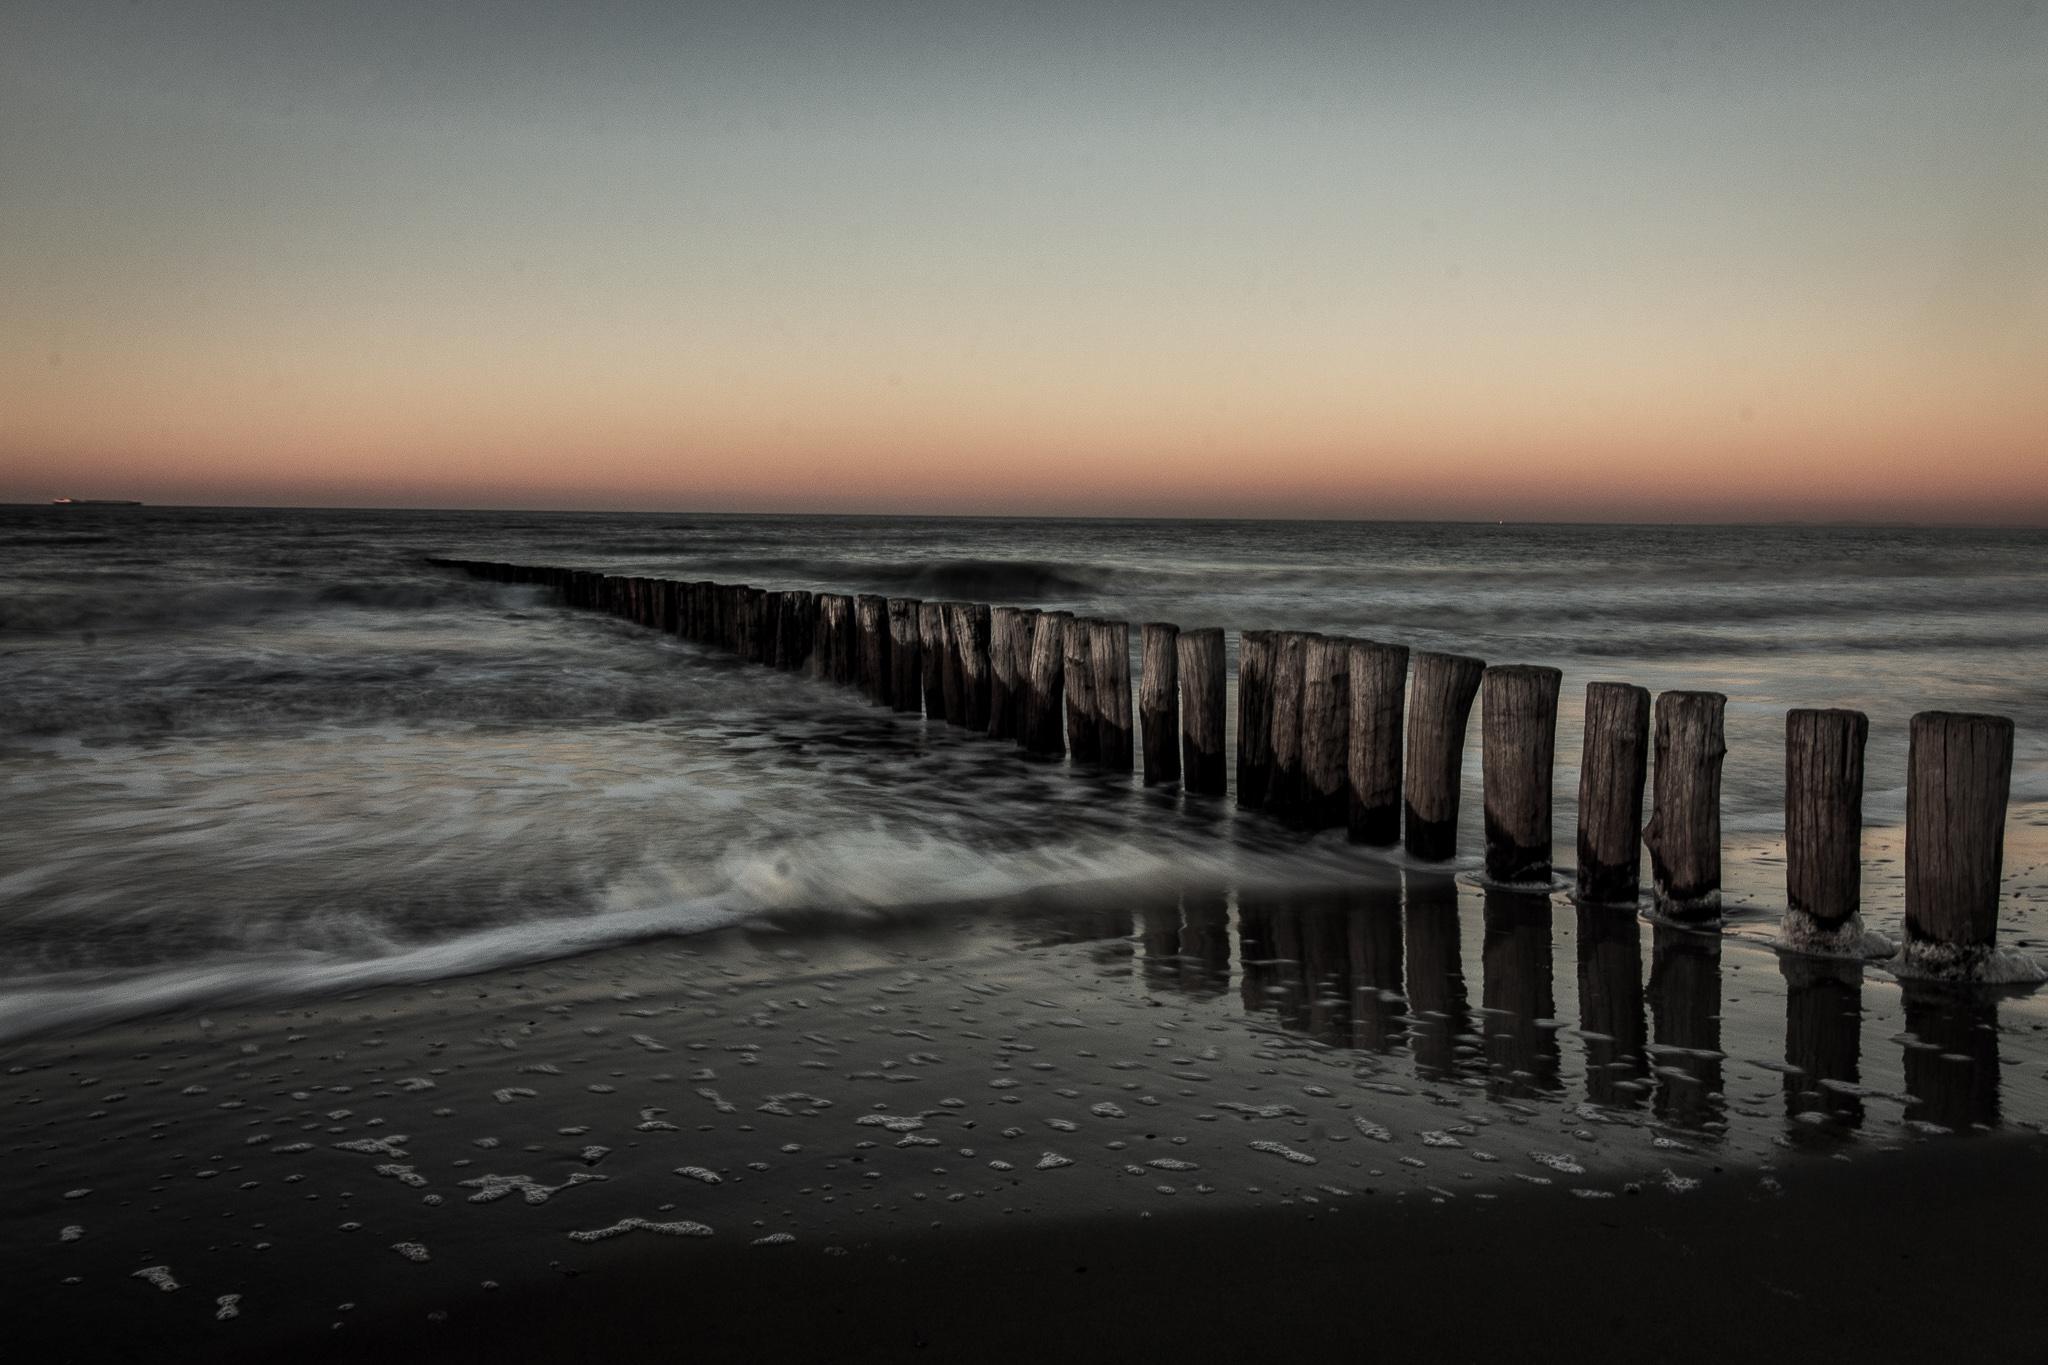 Cadzand Bad Beach, Netherlands